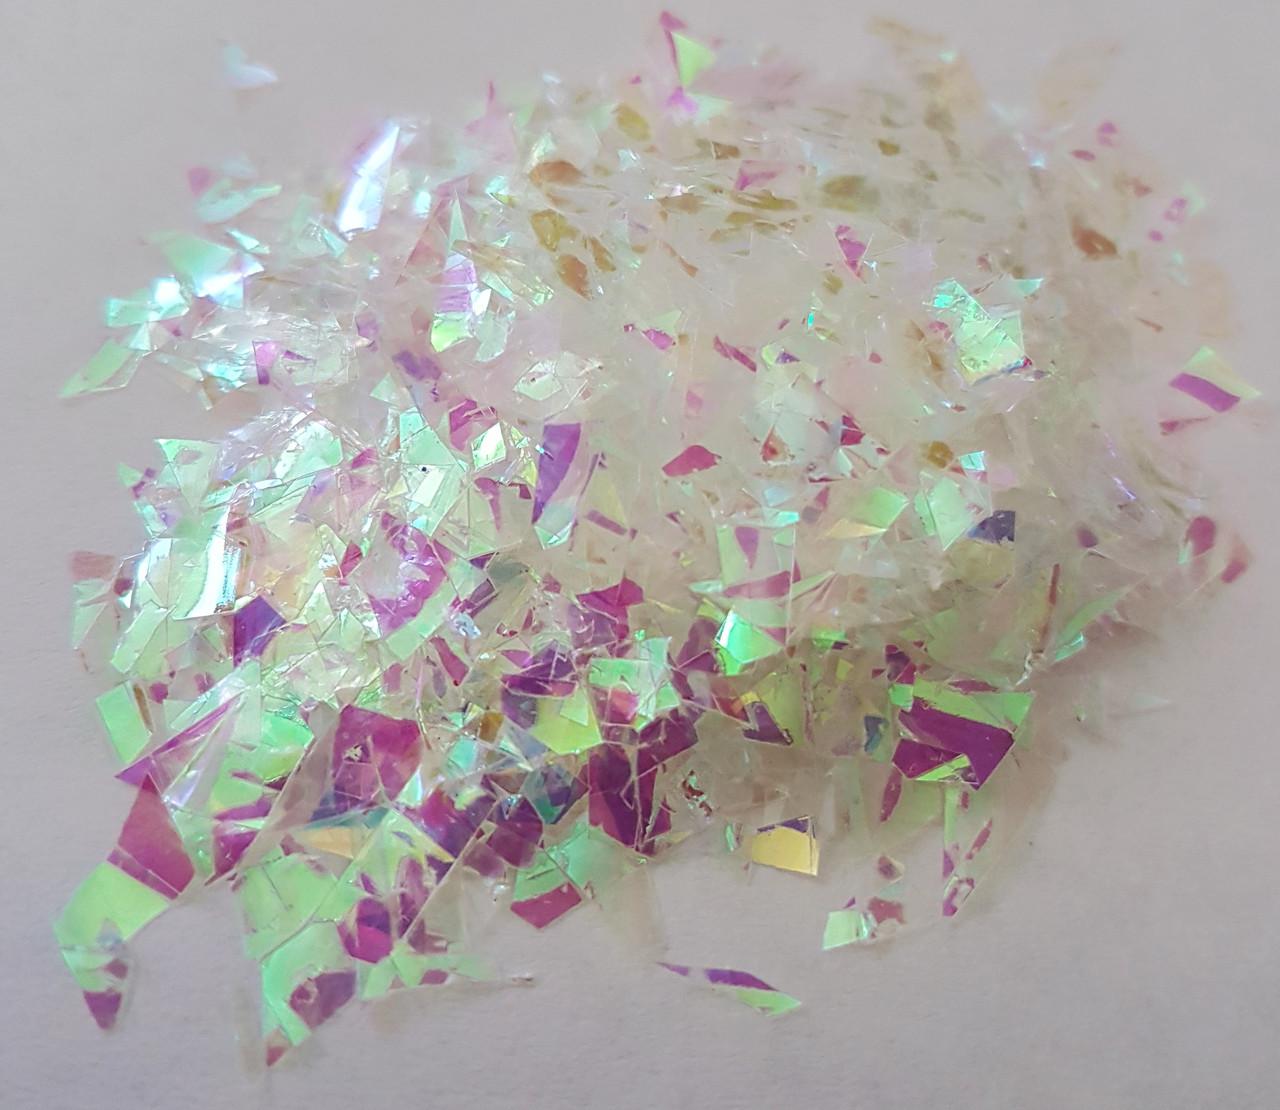 НОВИНКА:Декор эффект рваной фольги Glint Глинт, цвет жемчужный перелив